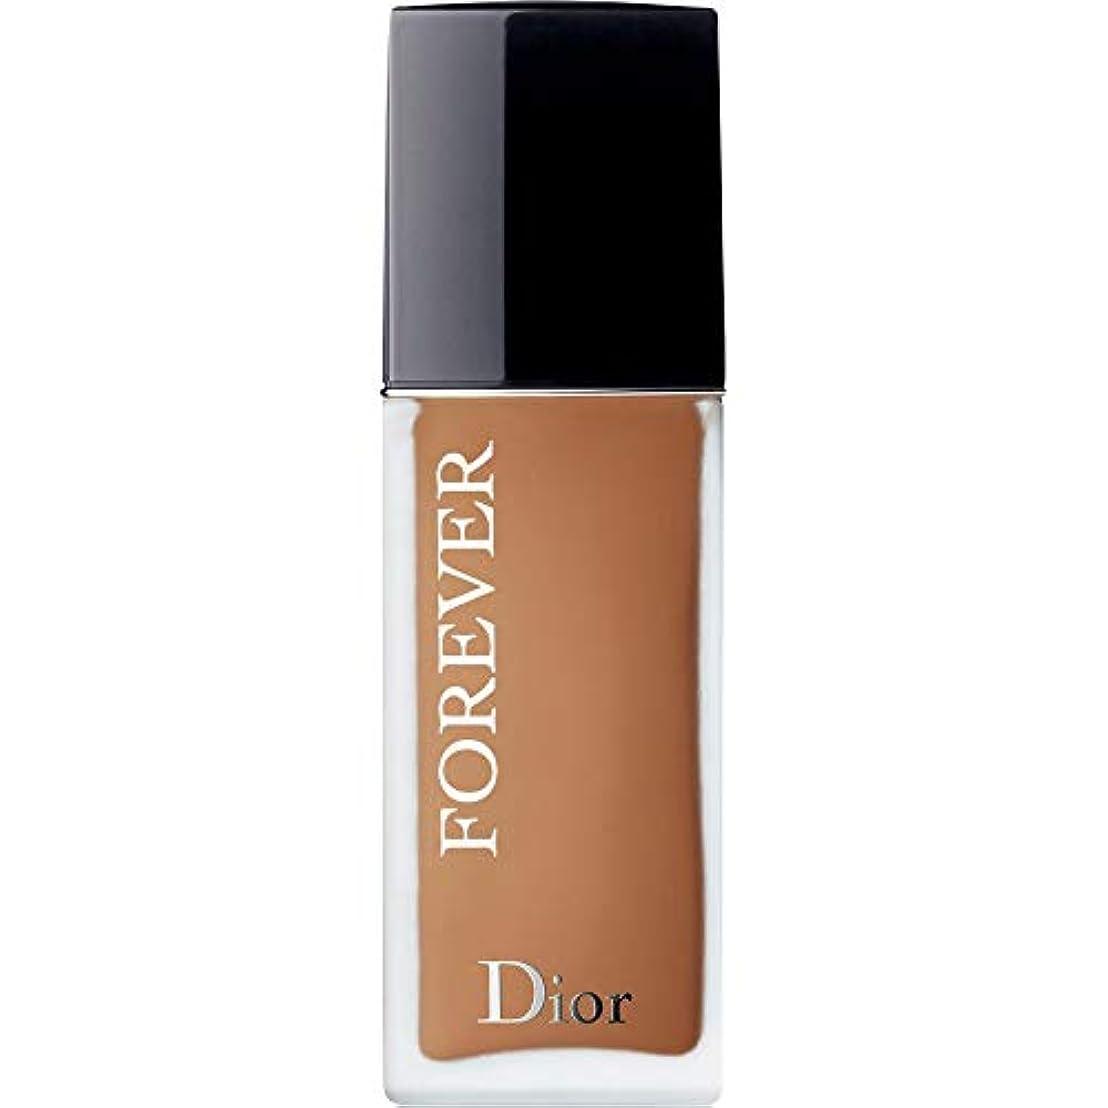 友情橋脚最初に[Dior ] ディオール永遠皮膚思いやりの基盤Spf35 30ミリリットルの5ワット - 暖かい(つや消し) - DIOR Forever Skin-Caring Foundation SPF35 30ml 5W -...